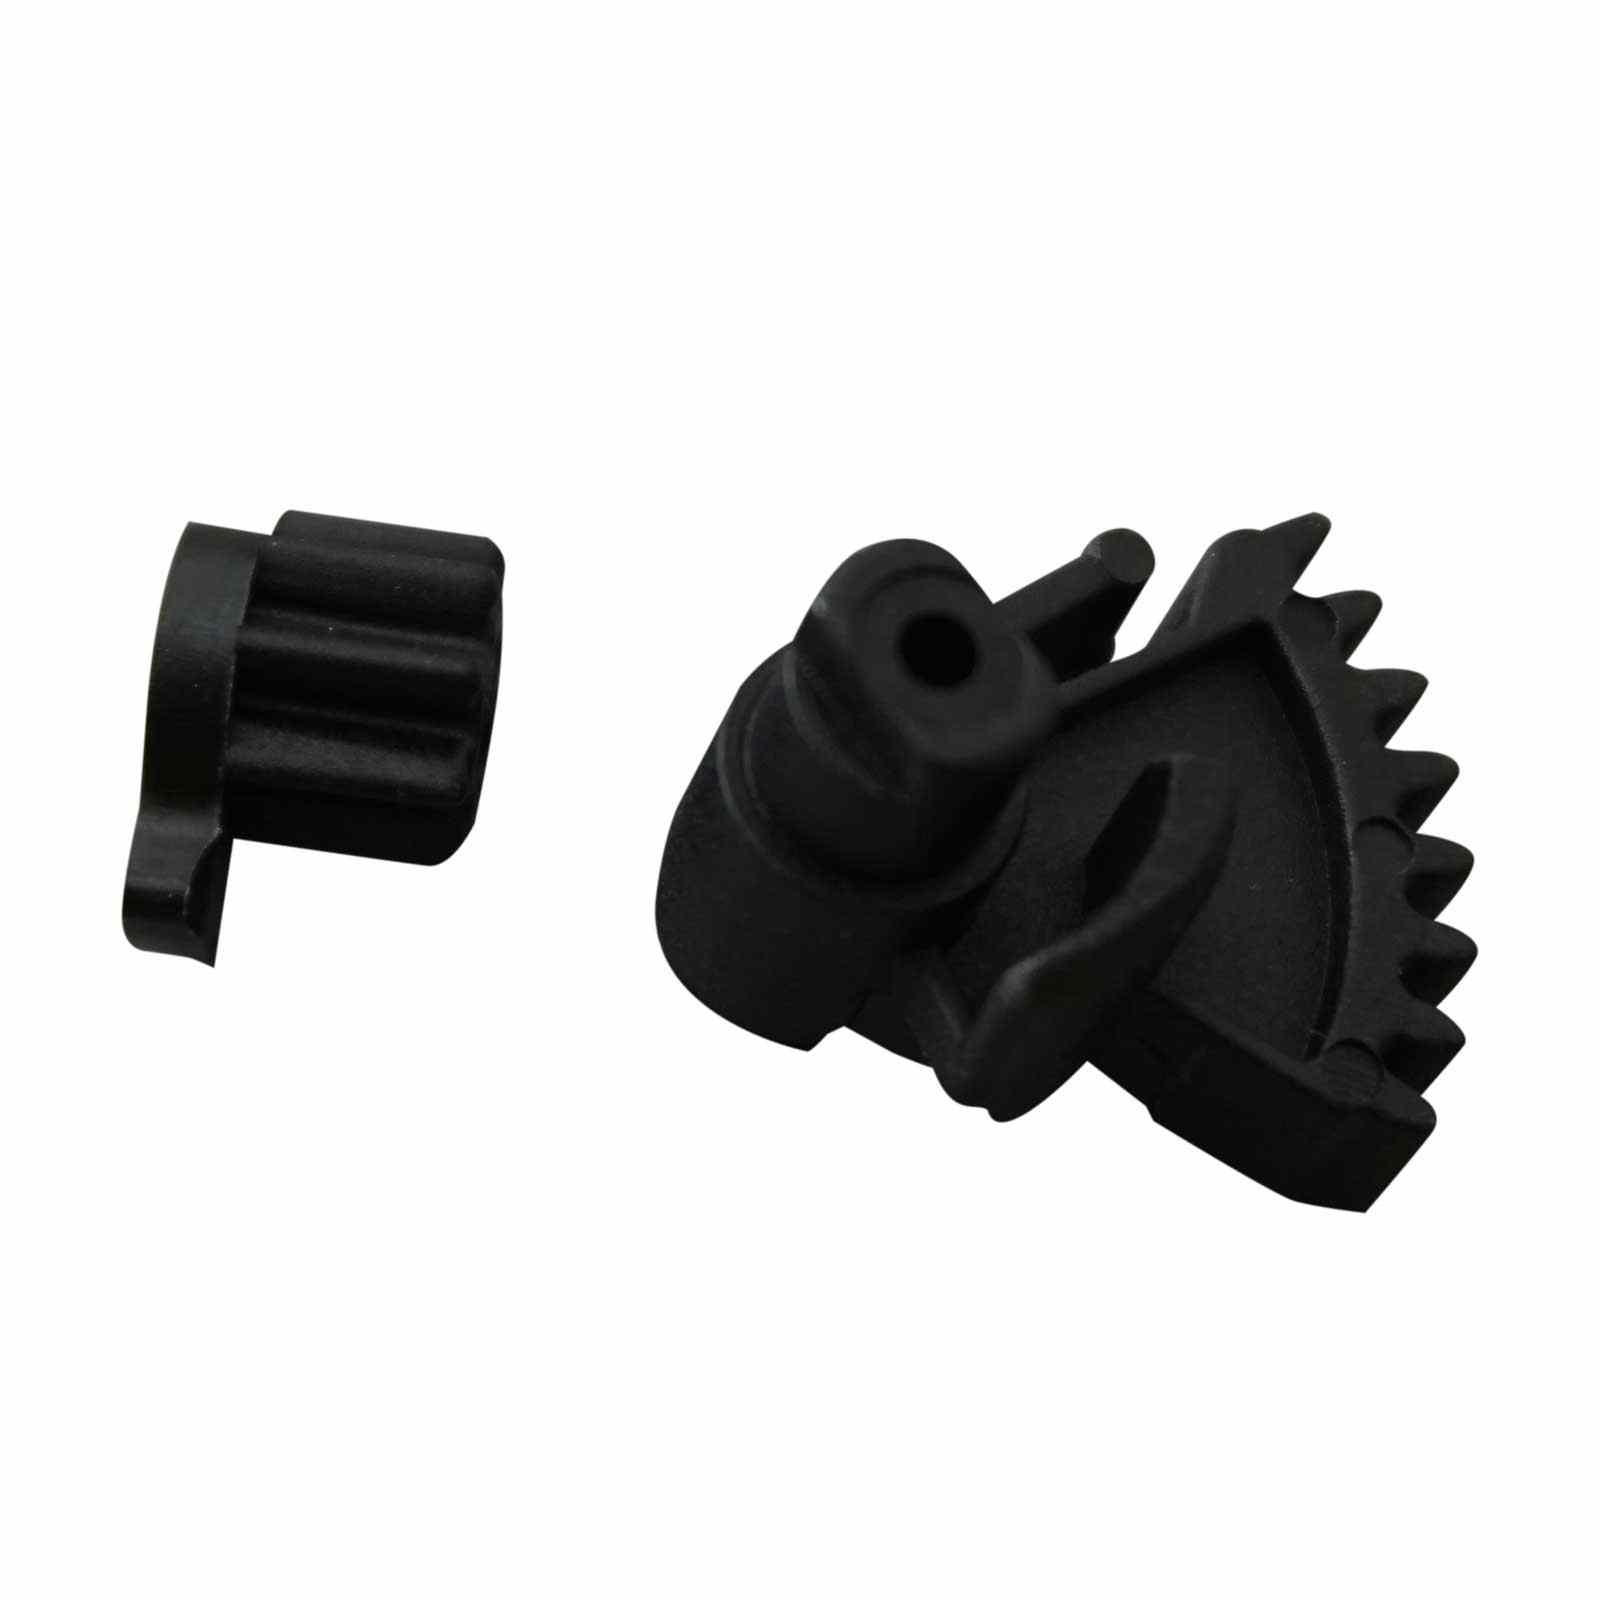 Freies verschiffen Bross Auto Teile BDP531 Auto Türschloss Antrieb Reparatur Getriebe Für Fiat Linea Albea Vorne oder Hinten Rechts türen